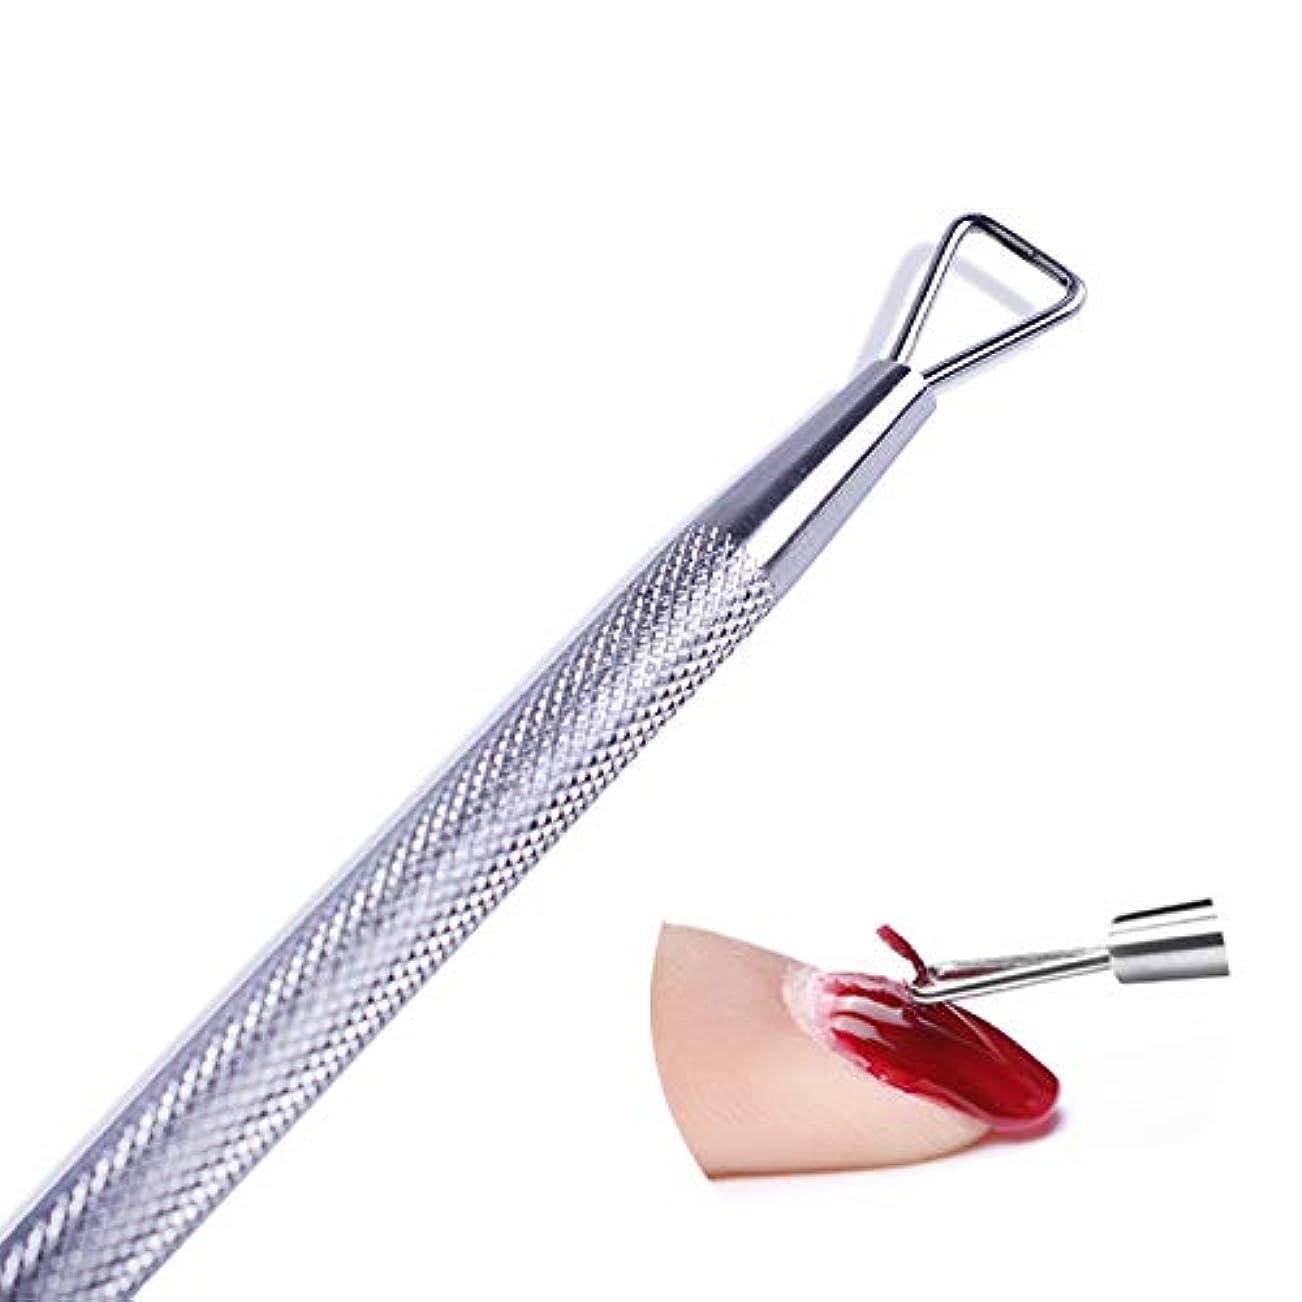 不適切な超えるぼかす1ピースステンレス鋼ジェルネイルポリッシュリムーバーツール除去スティックペン研削プッシャーマニキュア用uvジェルポリッシュキューティクルSA508